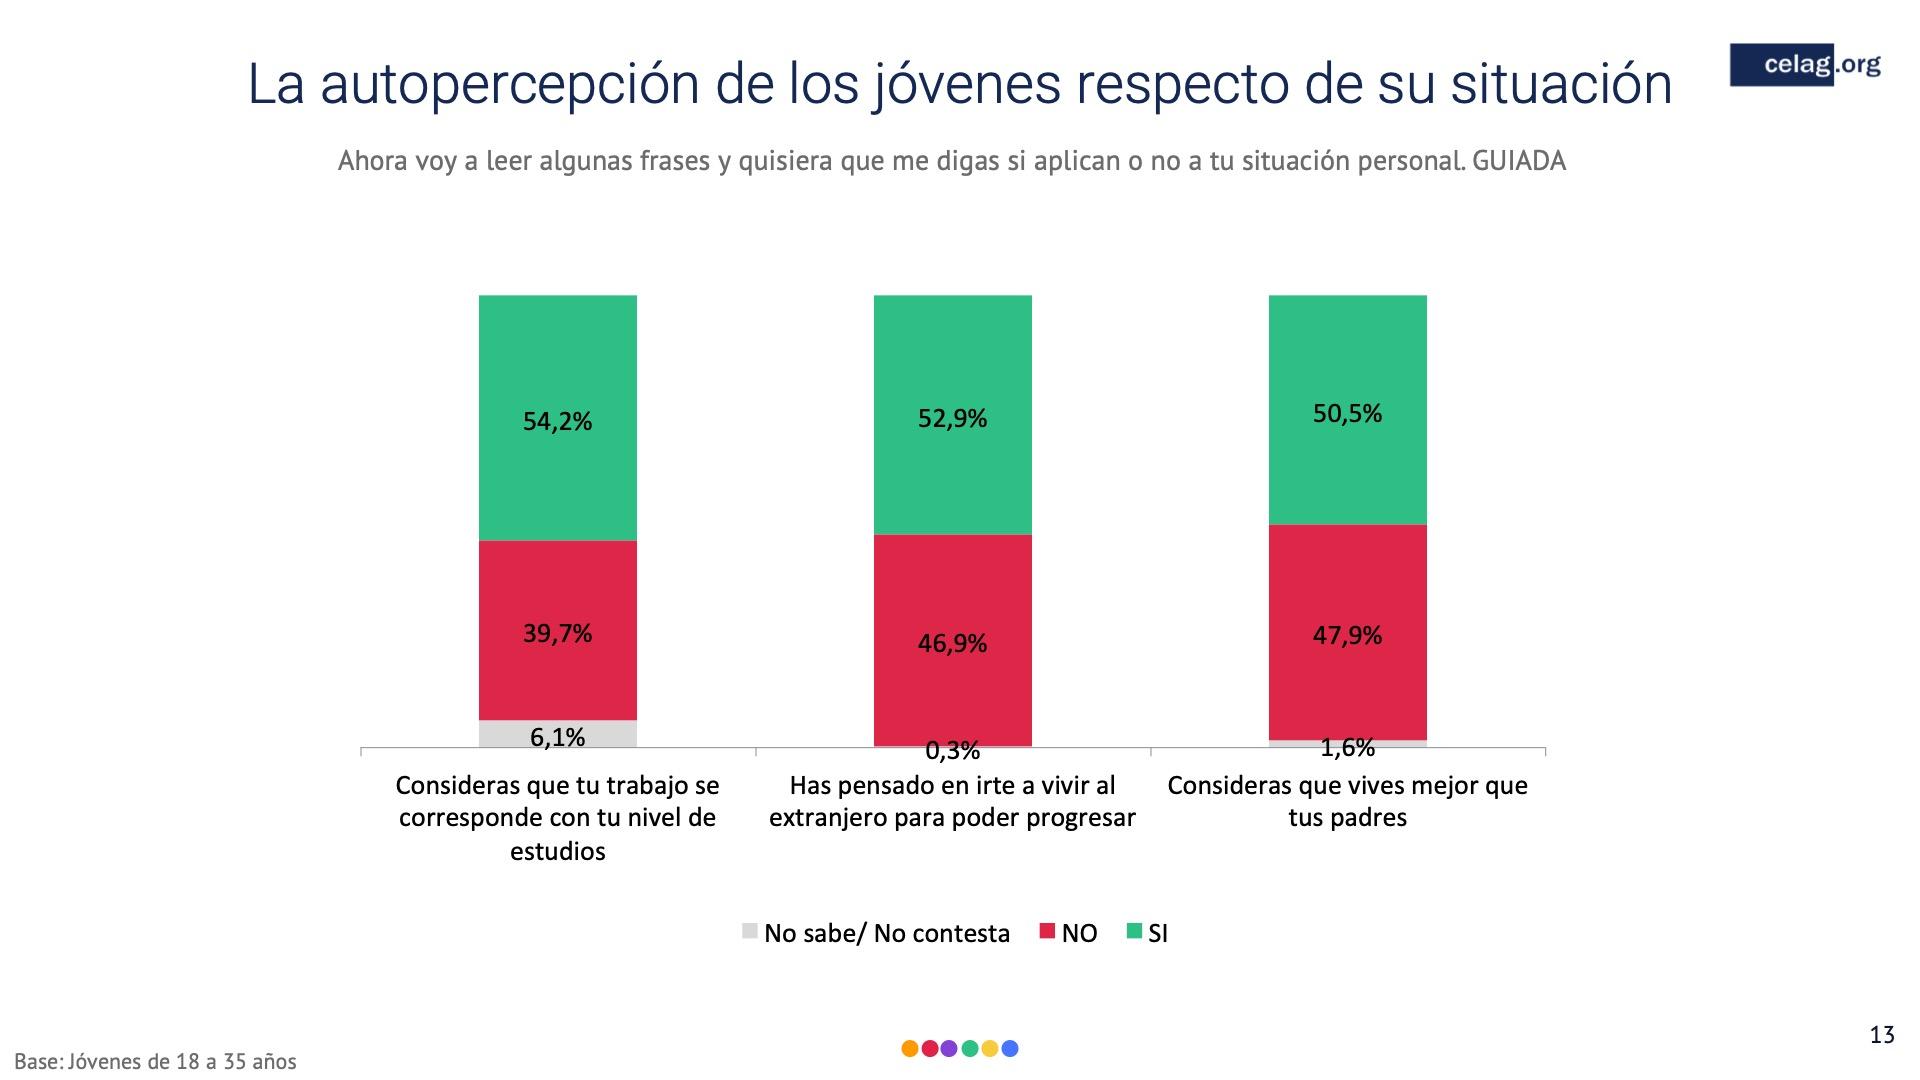 13 Elecciones bolivia la autopercepcion de los jovenes